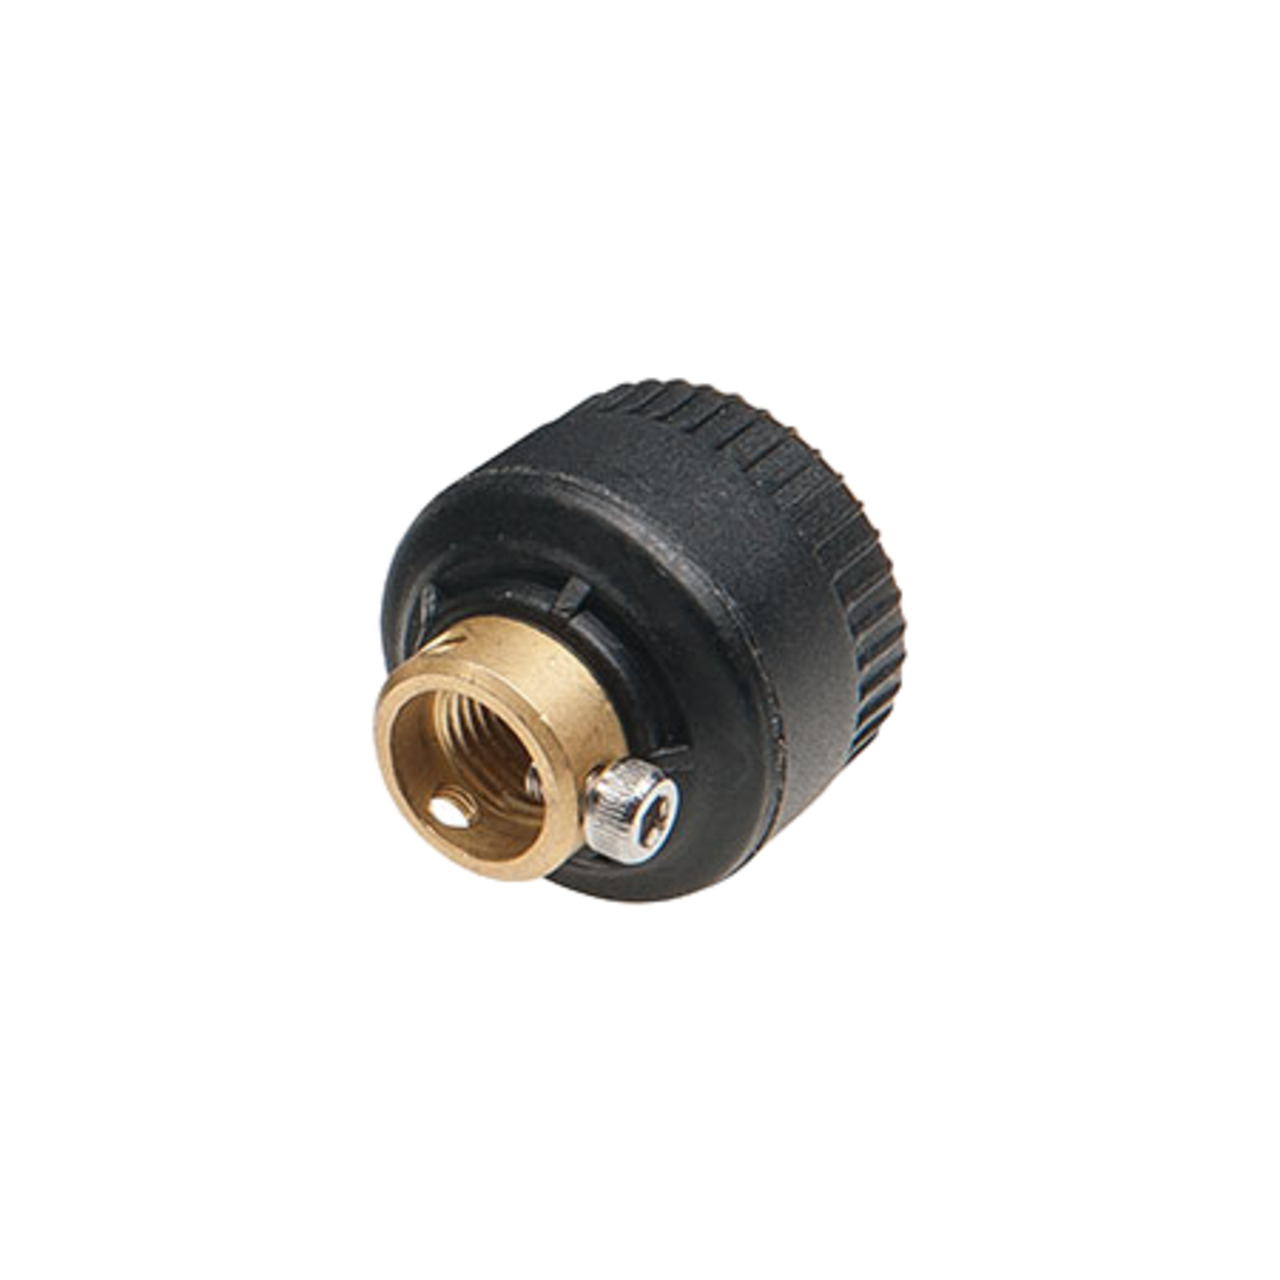 ELV Ersatzsensor fund-252 r Reifendruckkontrollsysteme- geeignet fund-252 r EK215- M3+SN- TM-516+SN